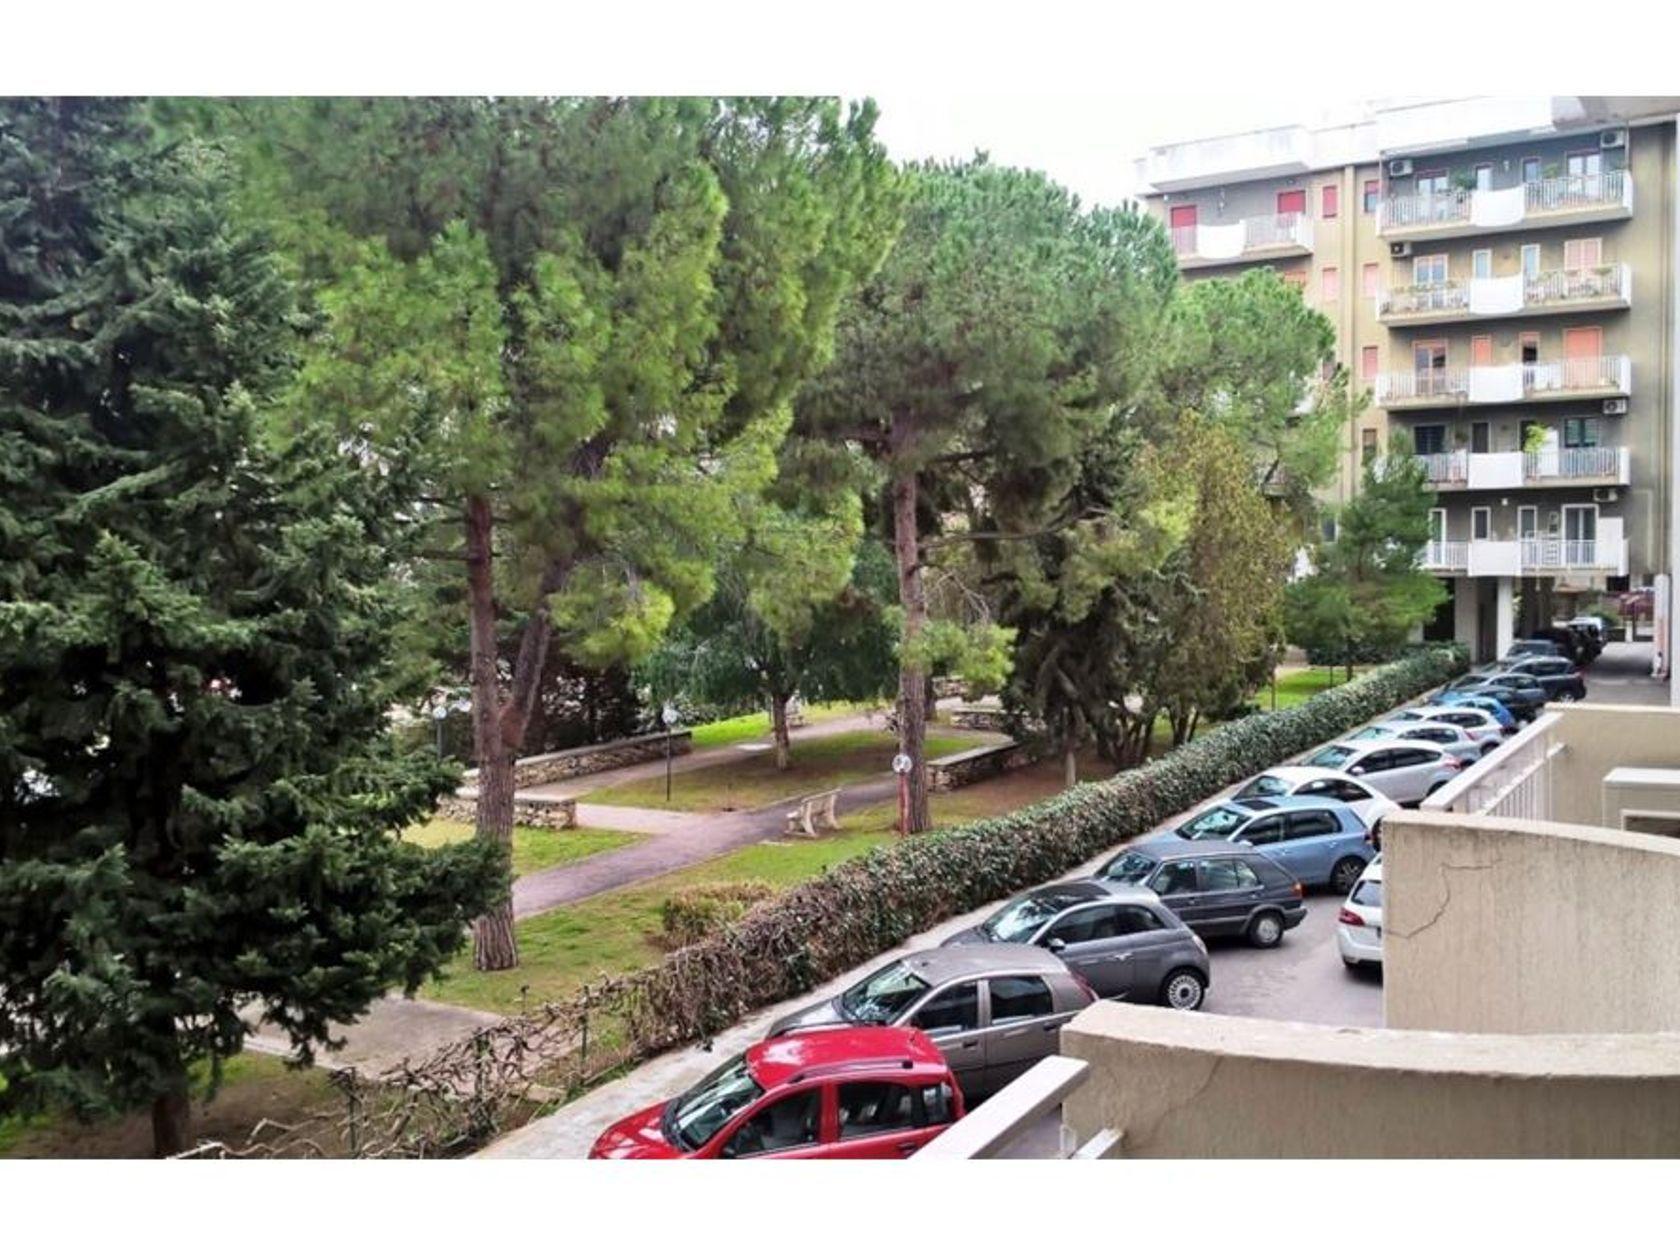 Appartamento Poggiofranco, Bari, BA Vendita - Foto 13